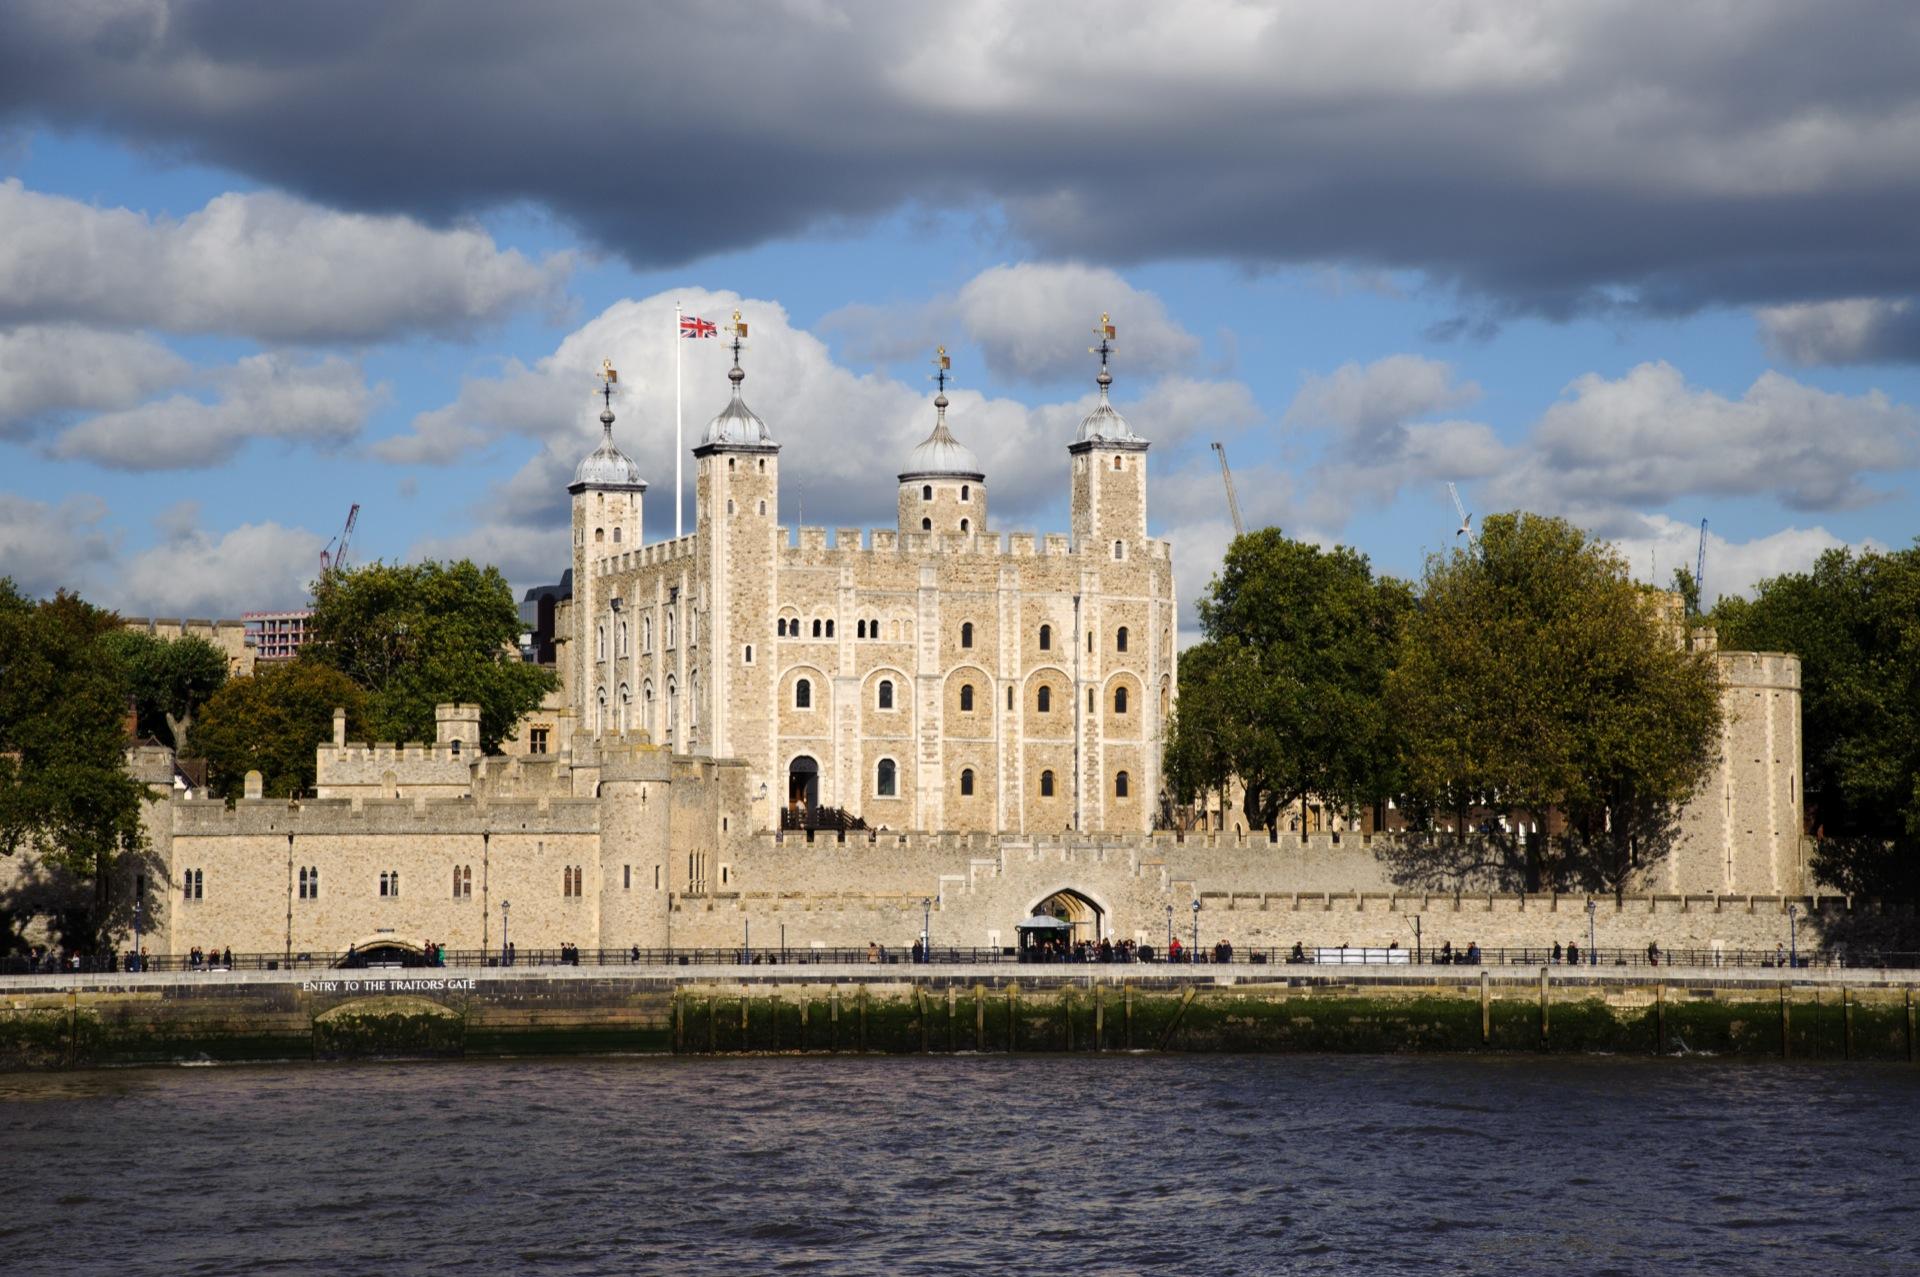 ロンドン塔!入場料や見どころ紹介!幽霊も出現?驚きの歴史を見に行こう!